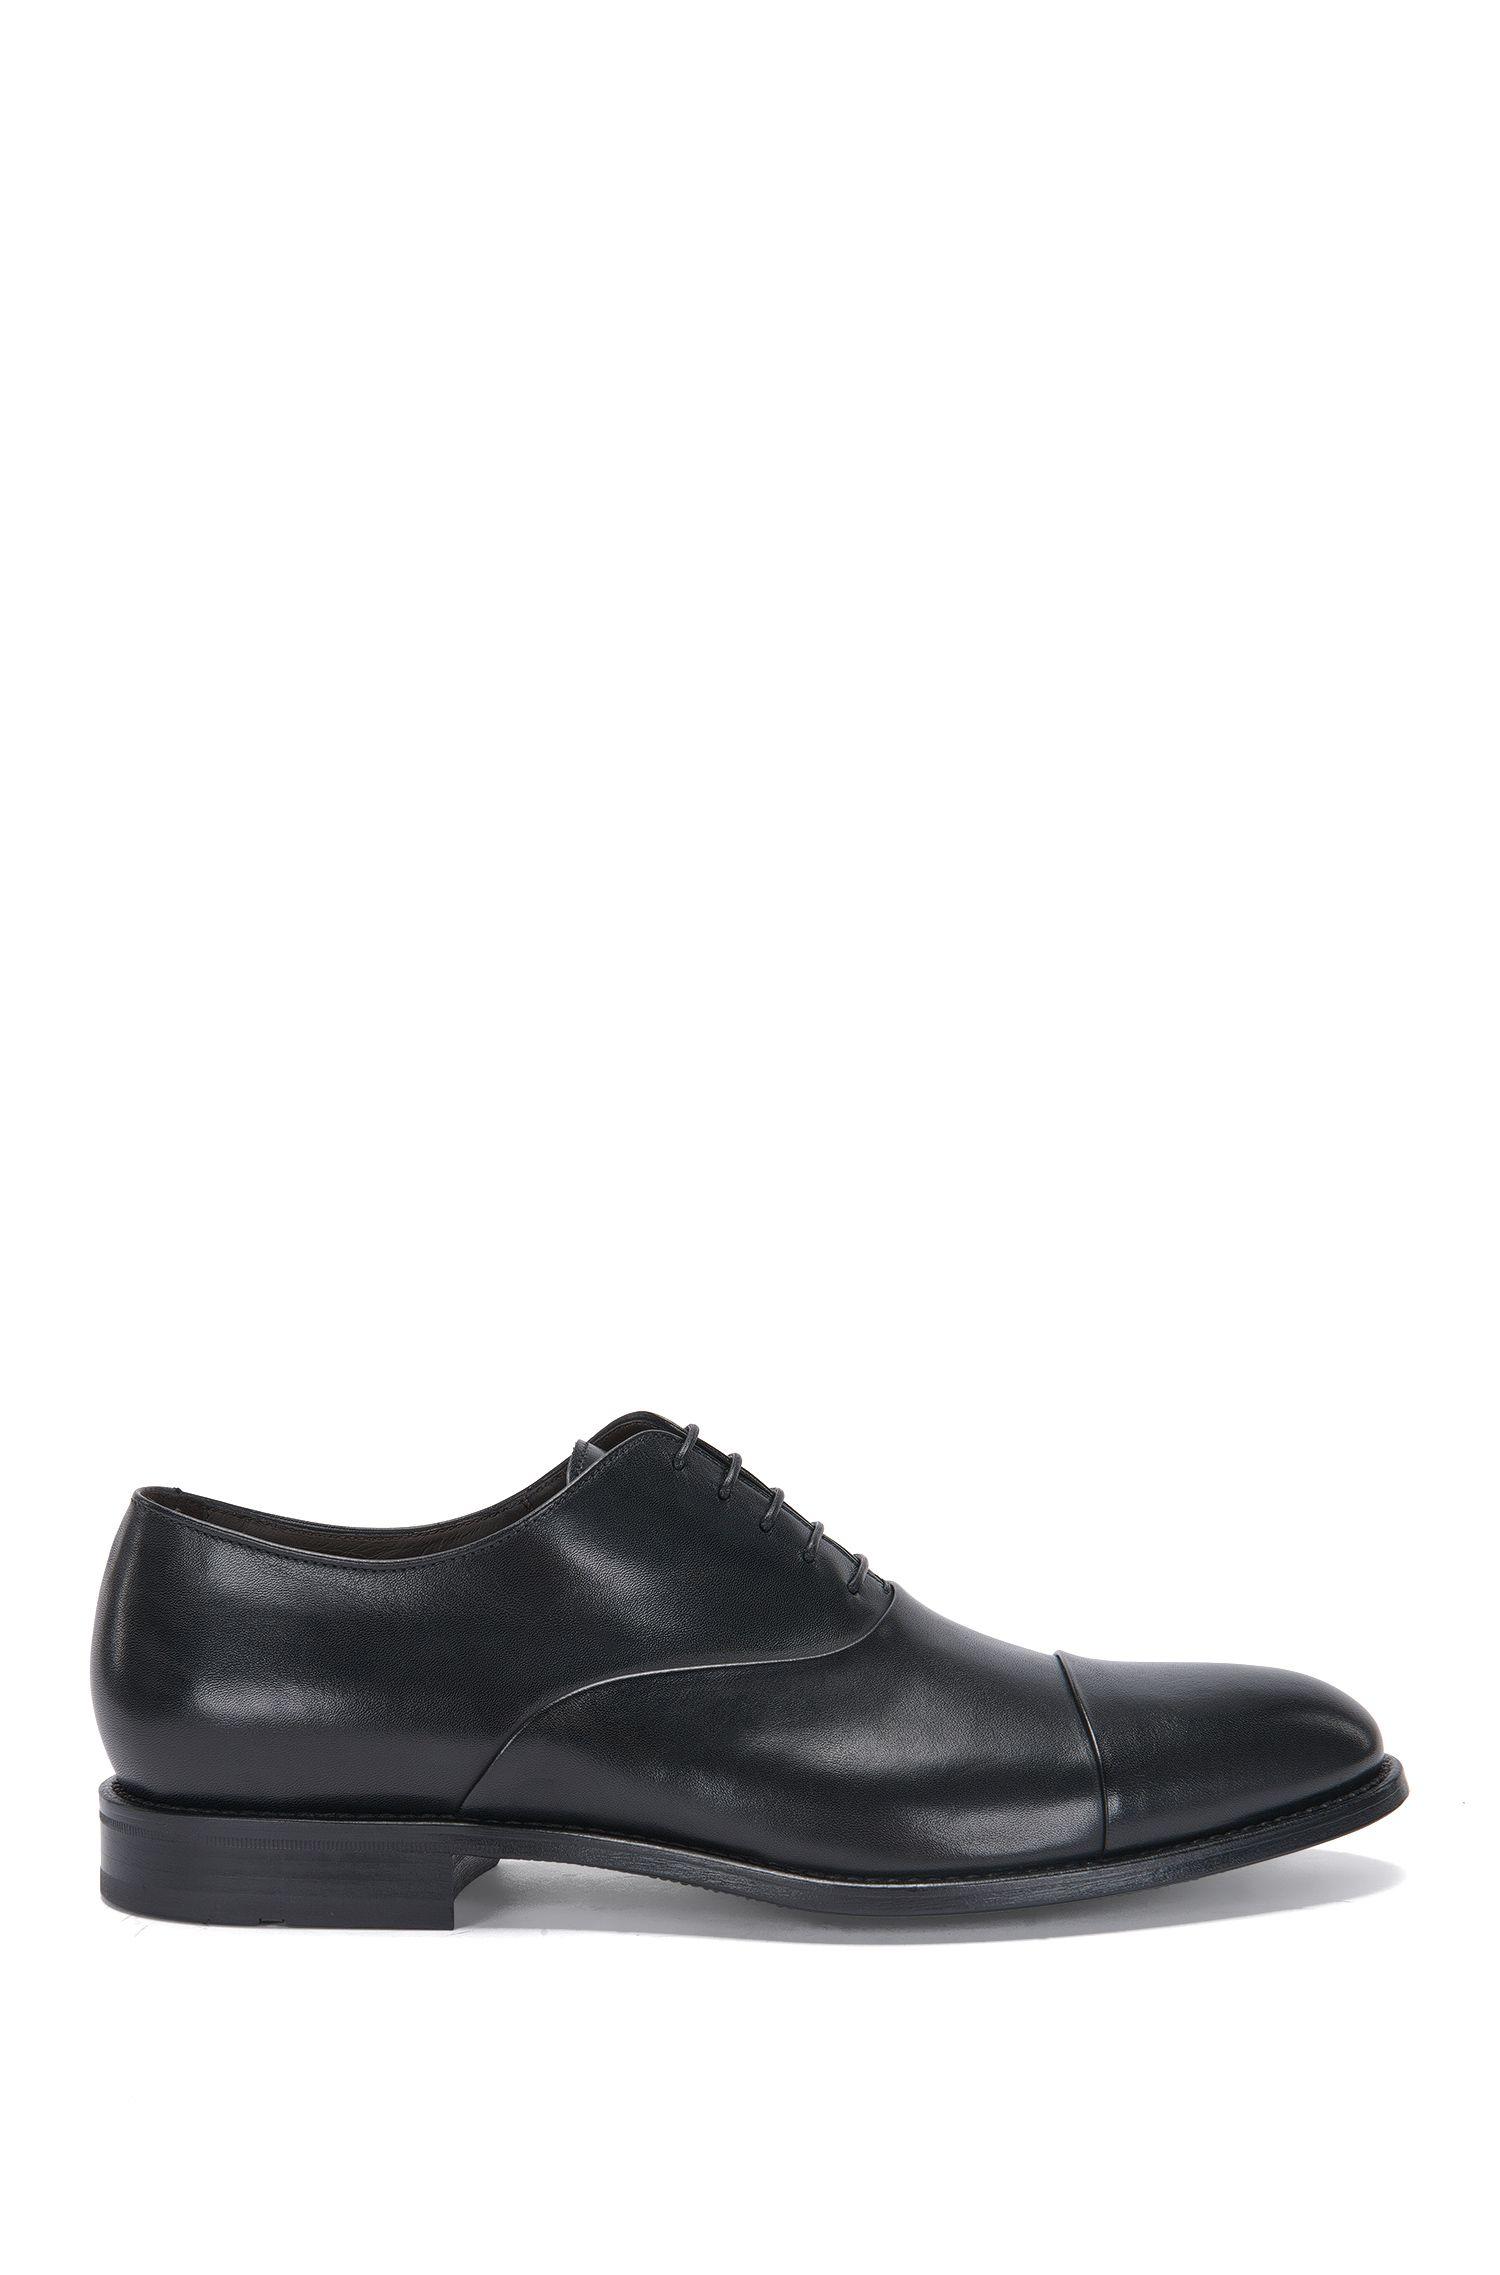 Zapatos con cordones en piel con puntera en contraste y estilo Oxford: 'Stockholm_Oxfr_ctst'